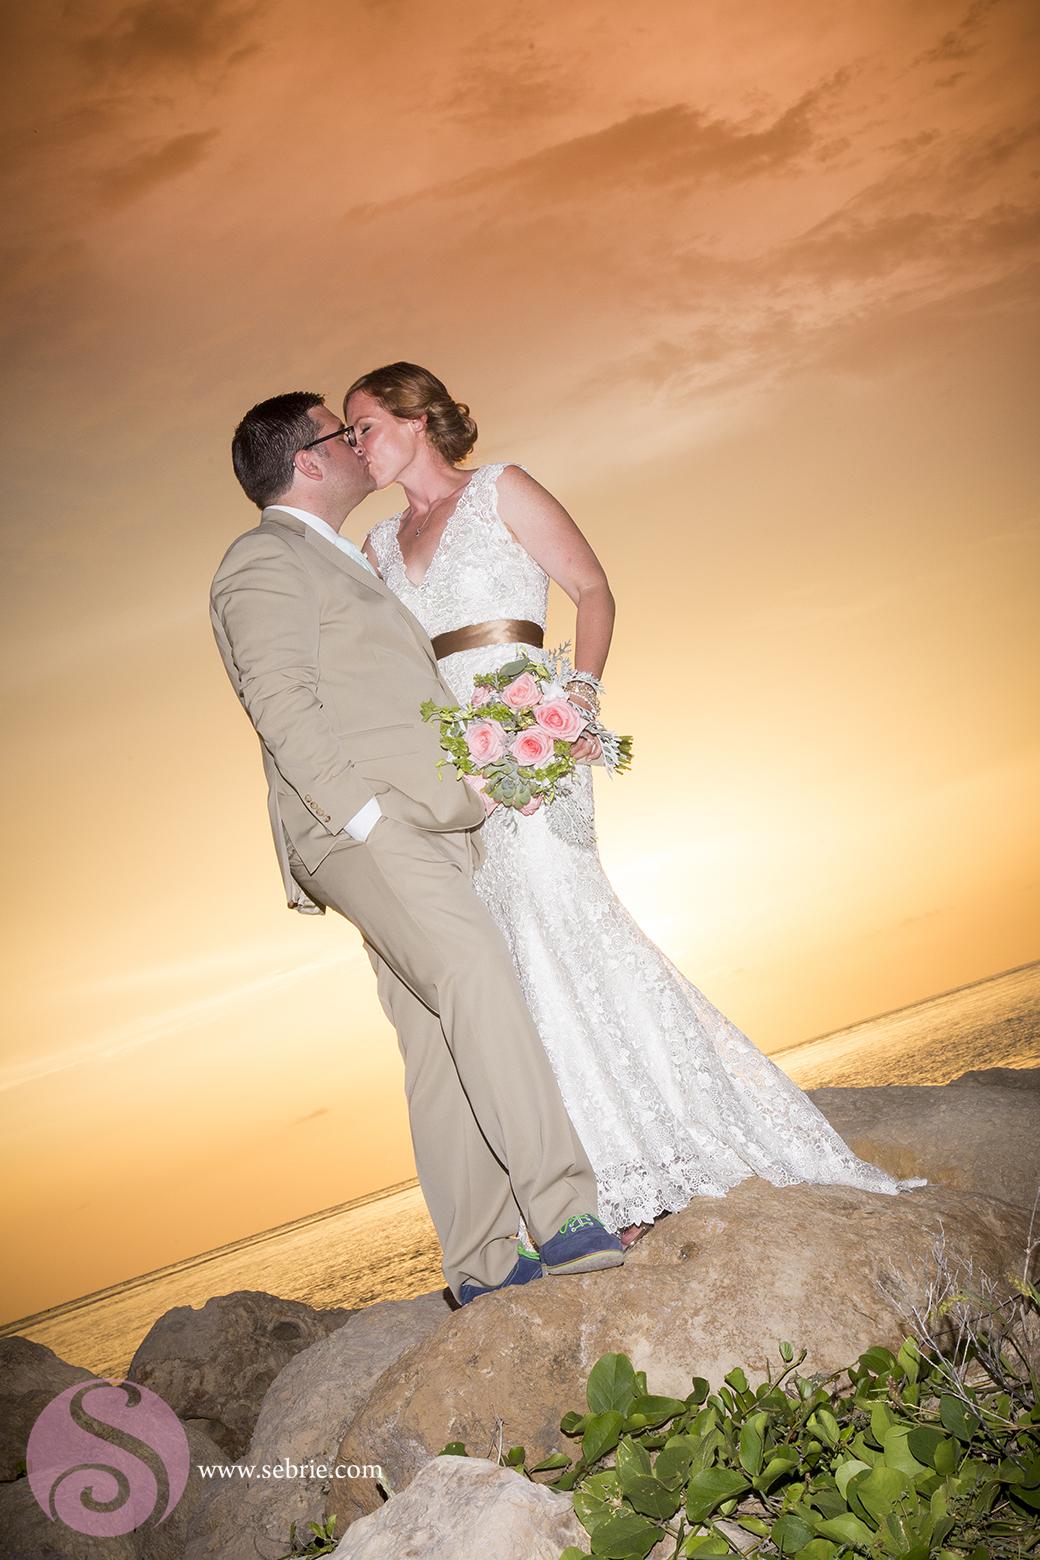 kiss-sunset-beach